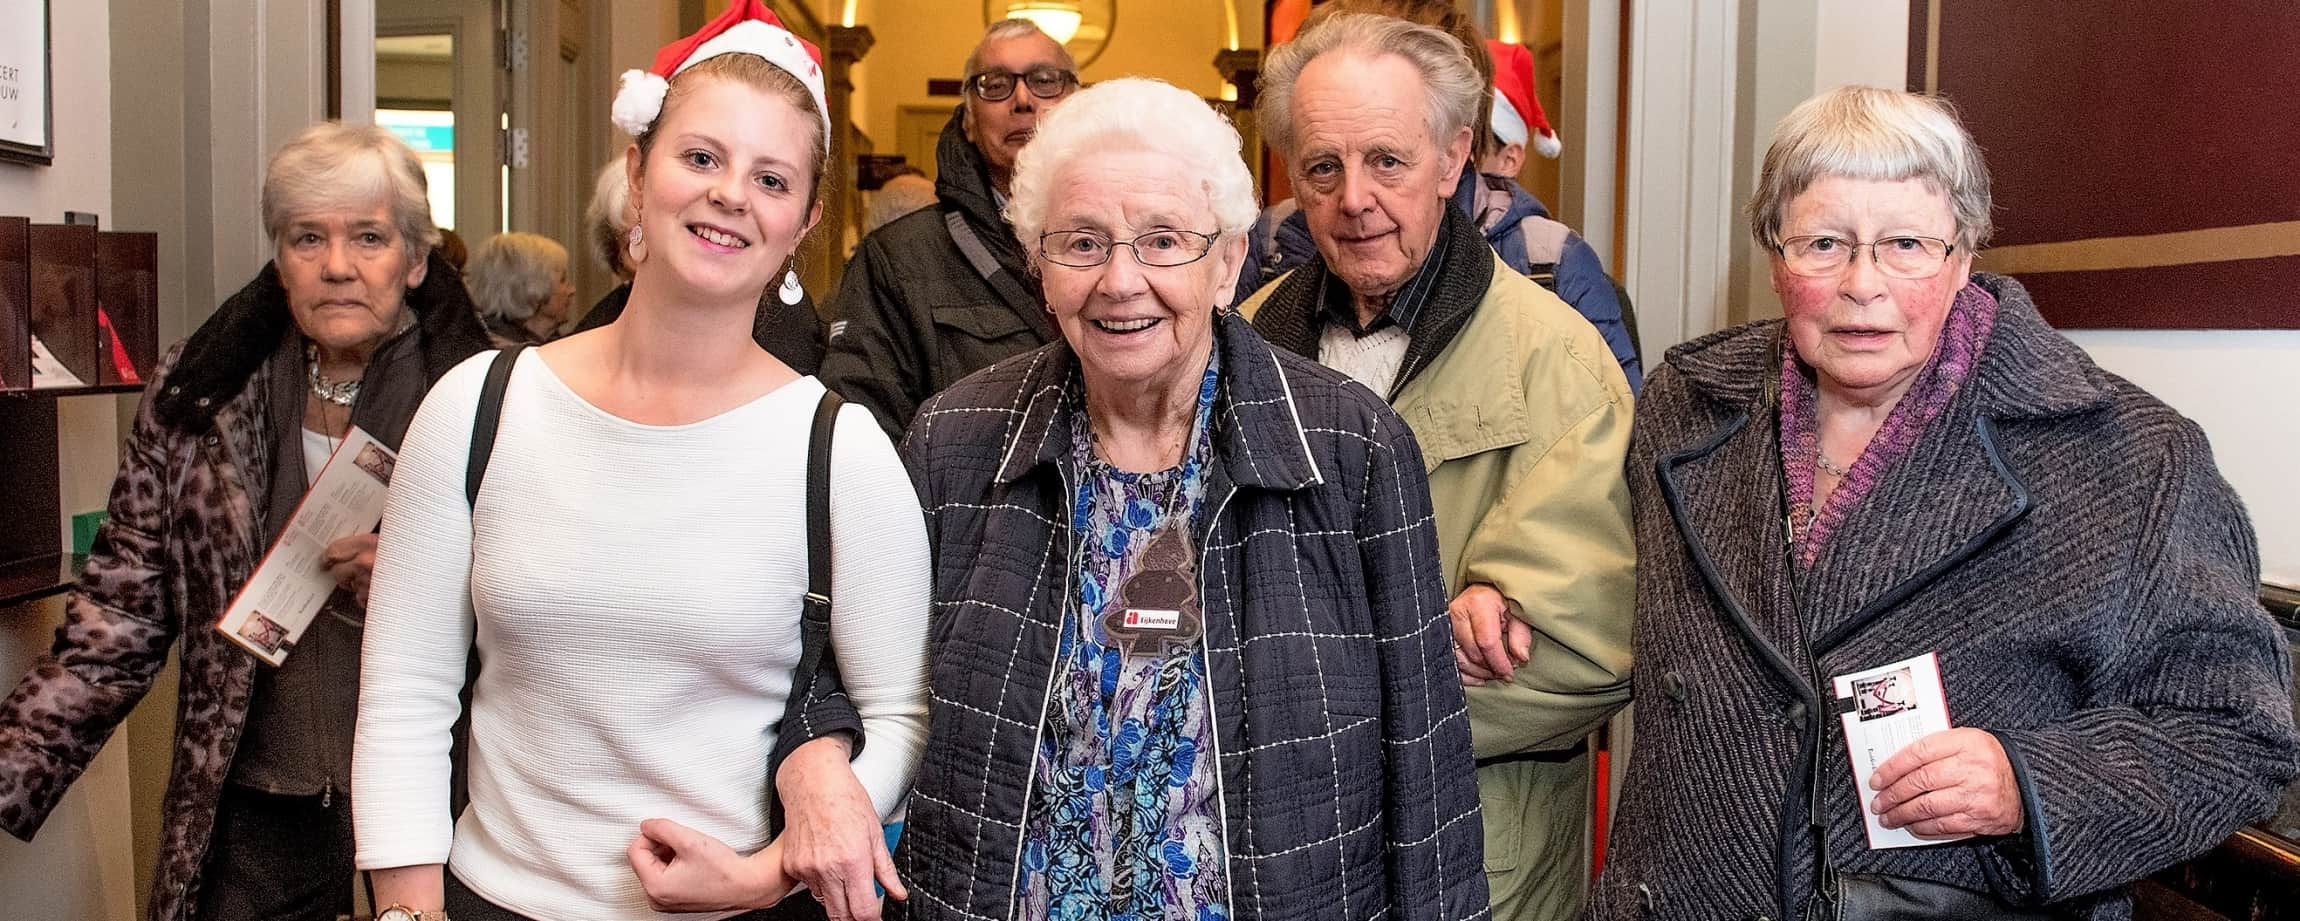 Groep ouderen met jassen aan en een jonge vrijwilliger in Concertgebouw in Amsterdam